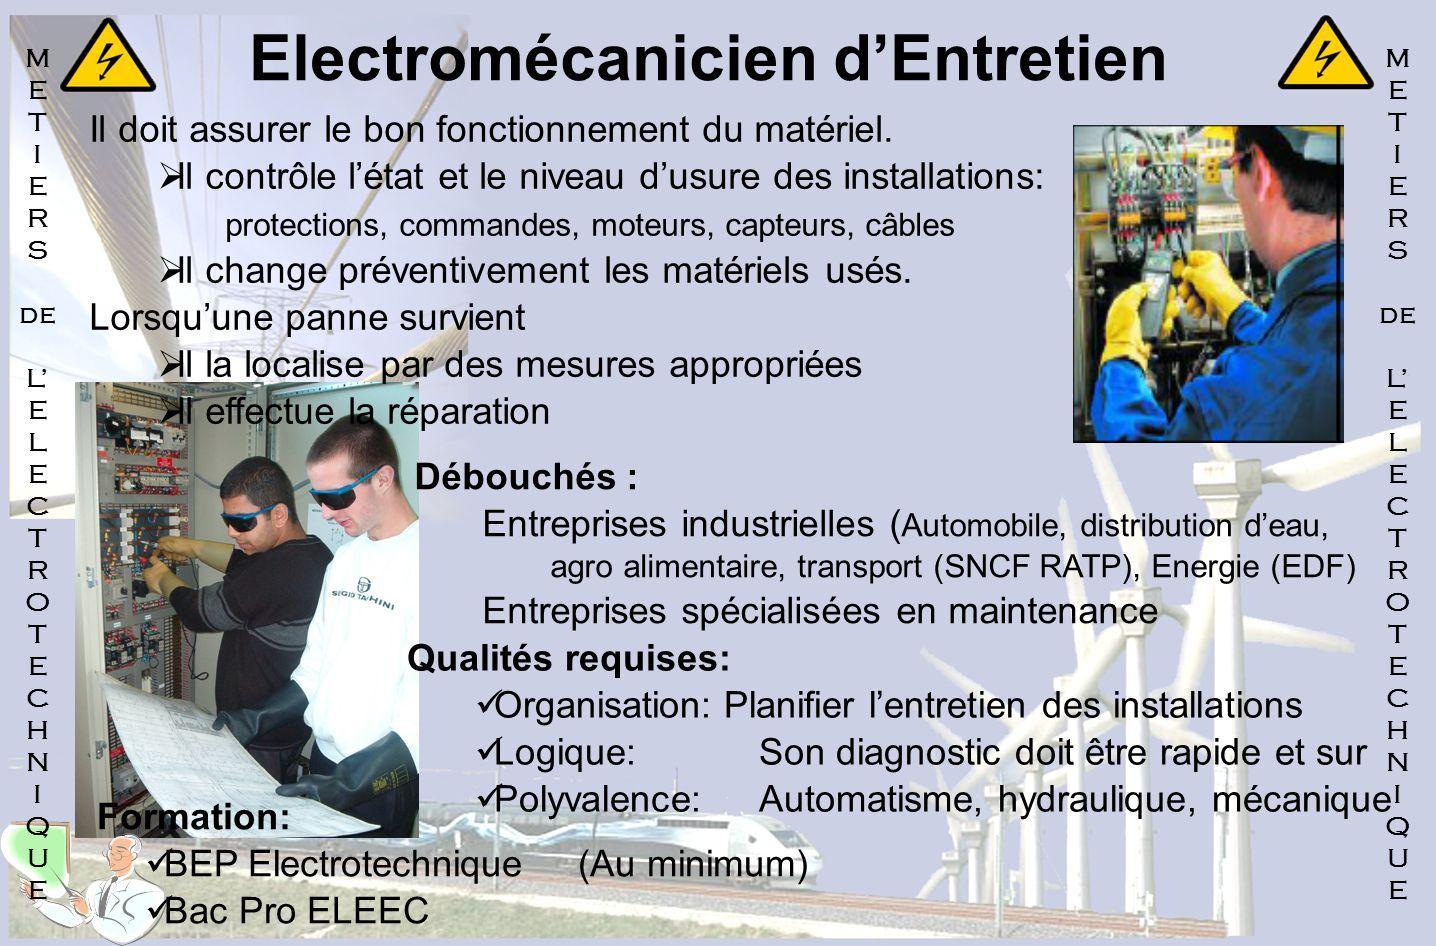 Electromécanicien d'Entretien